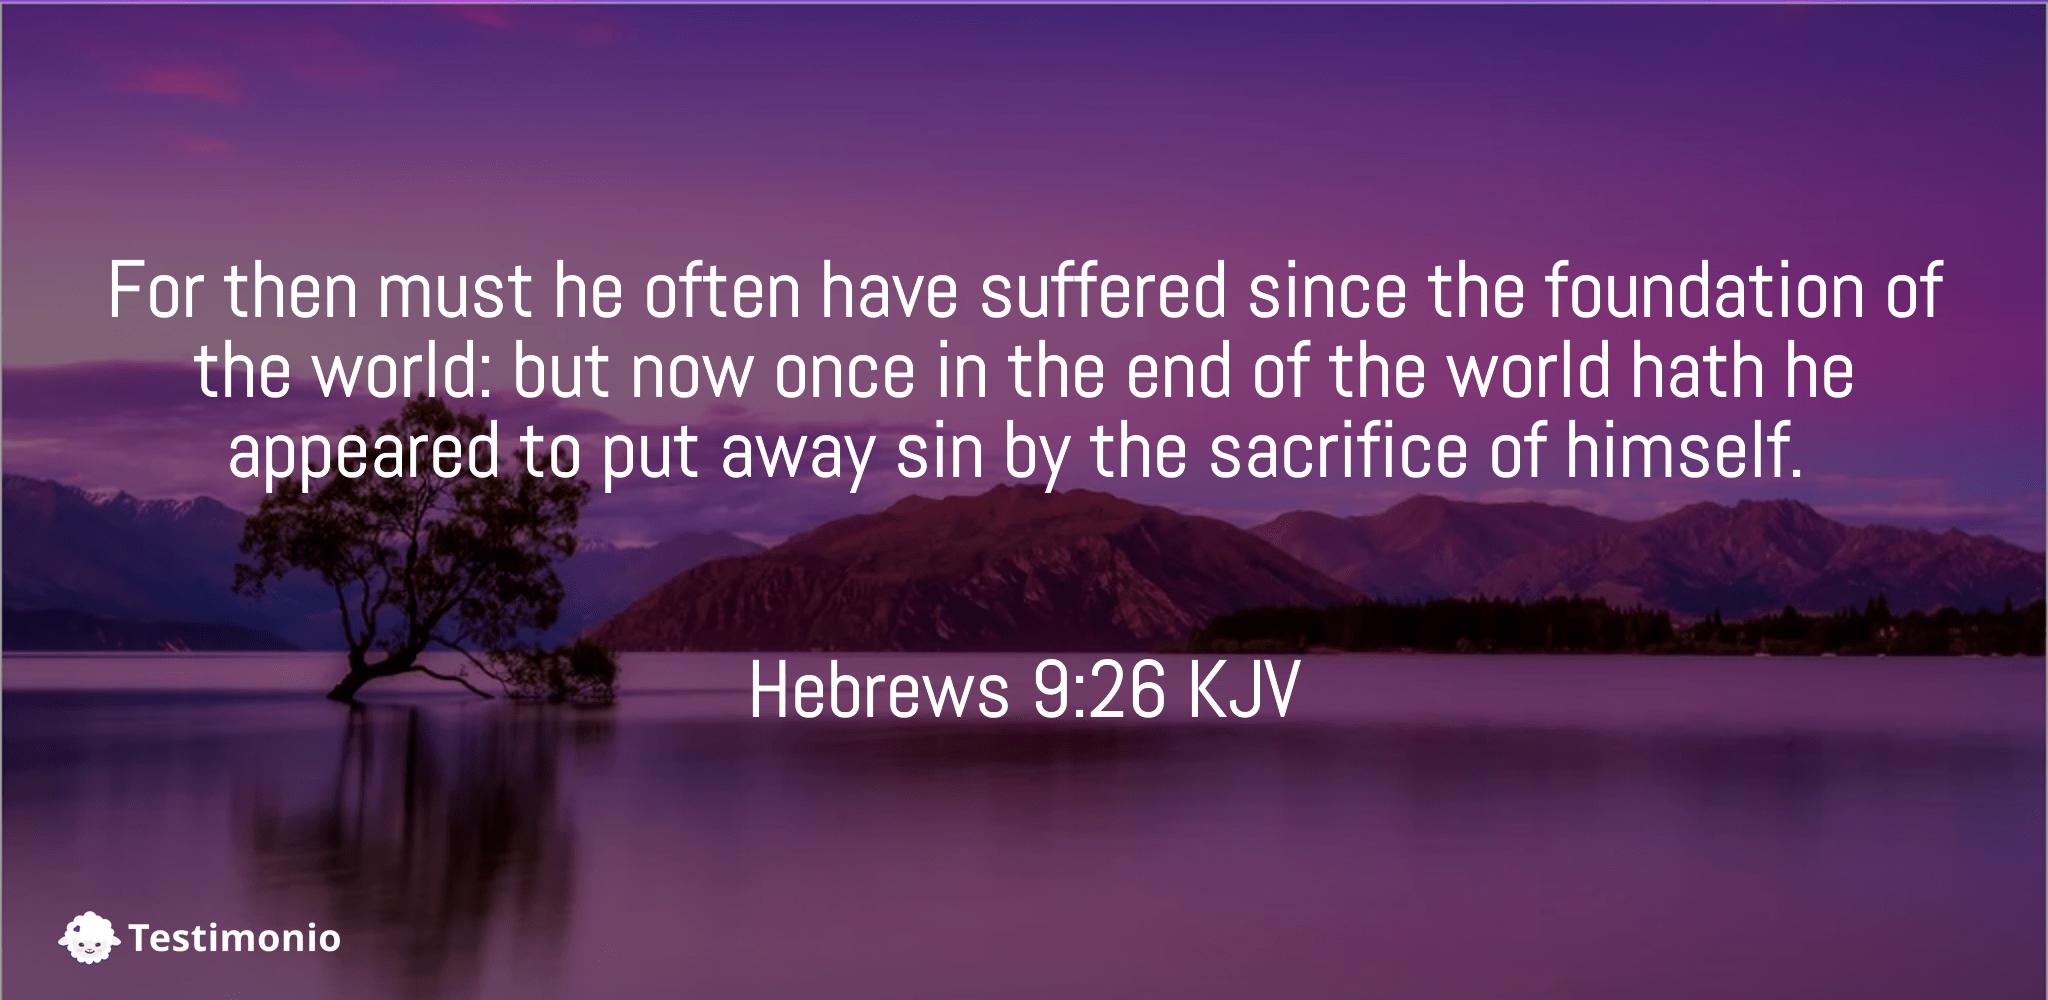 Hebrews 9:26